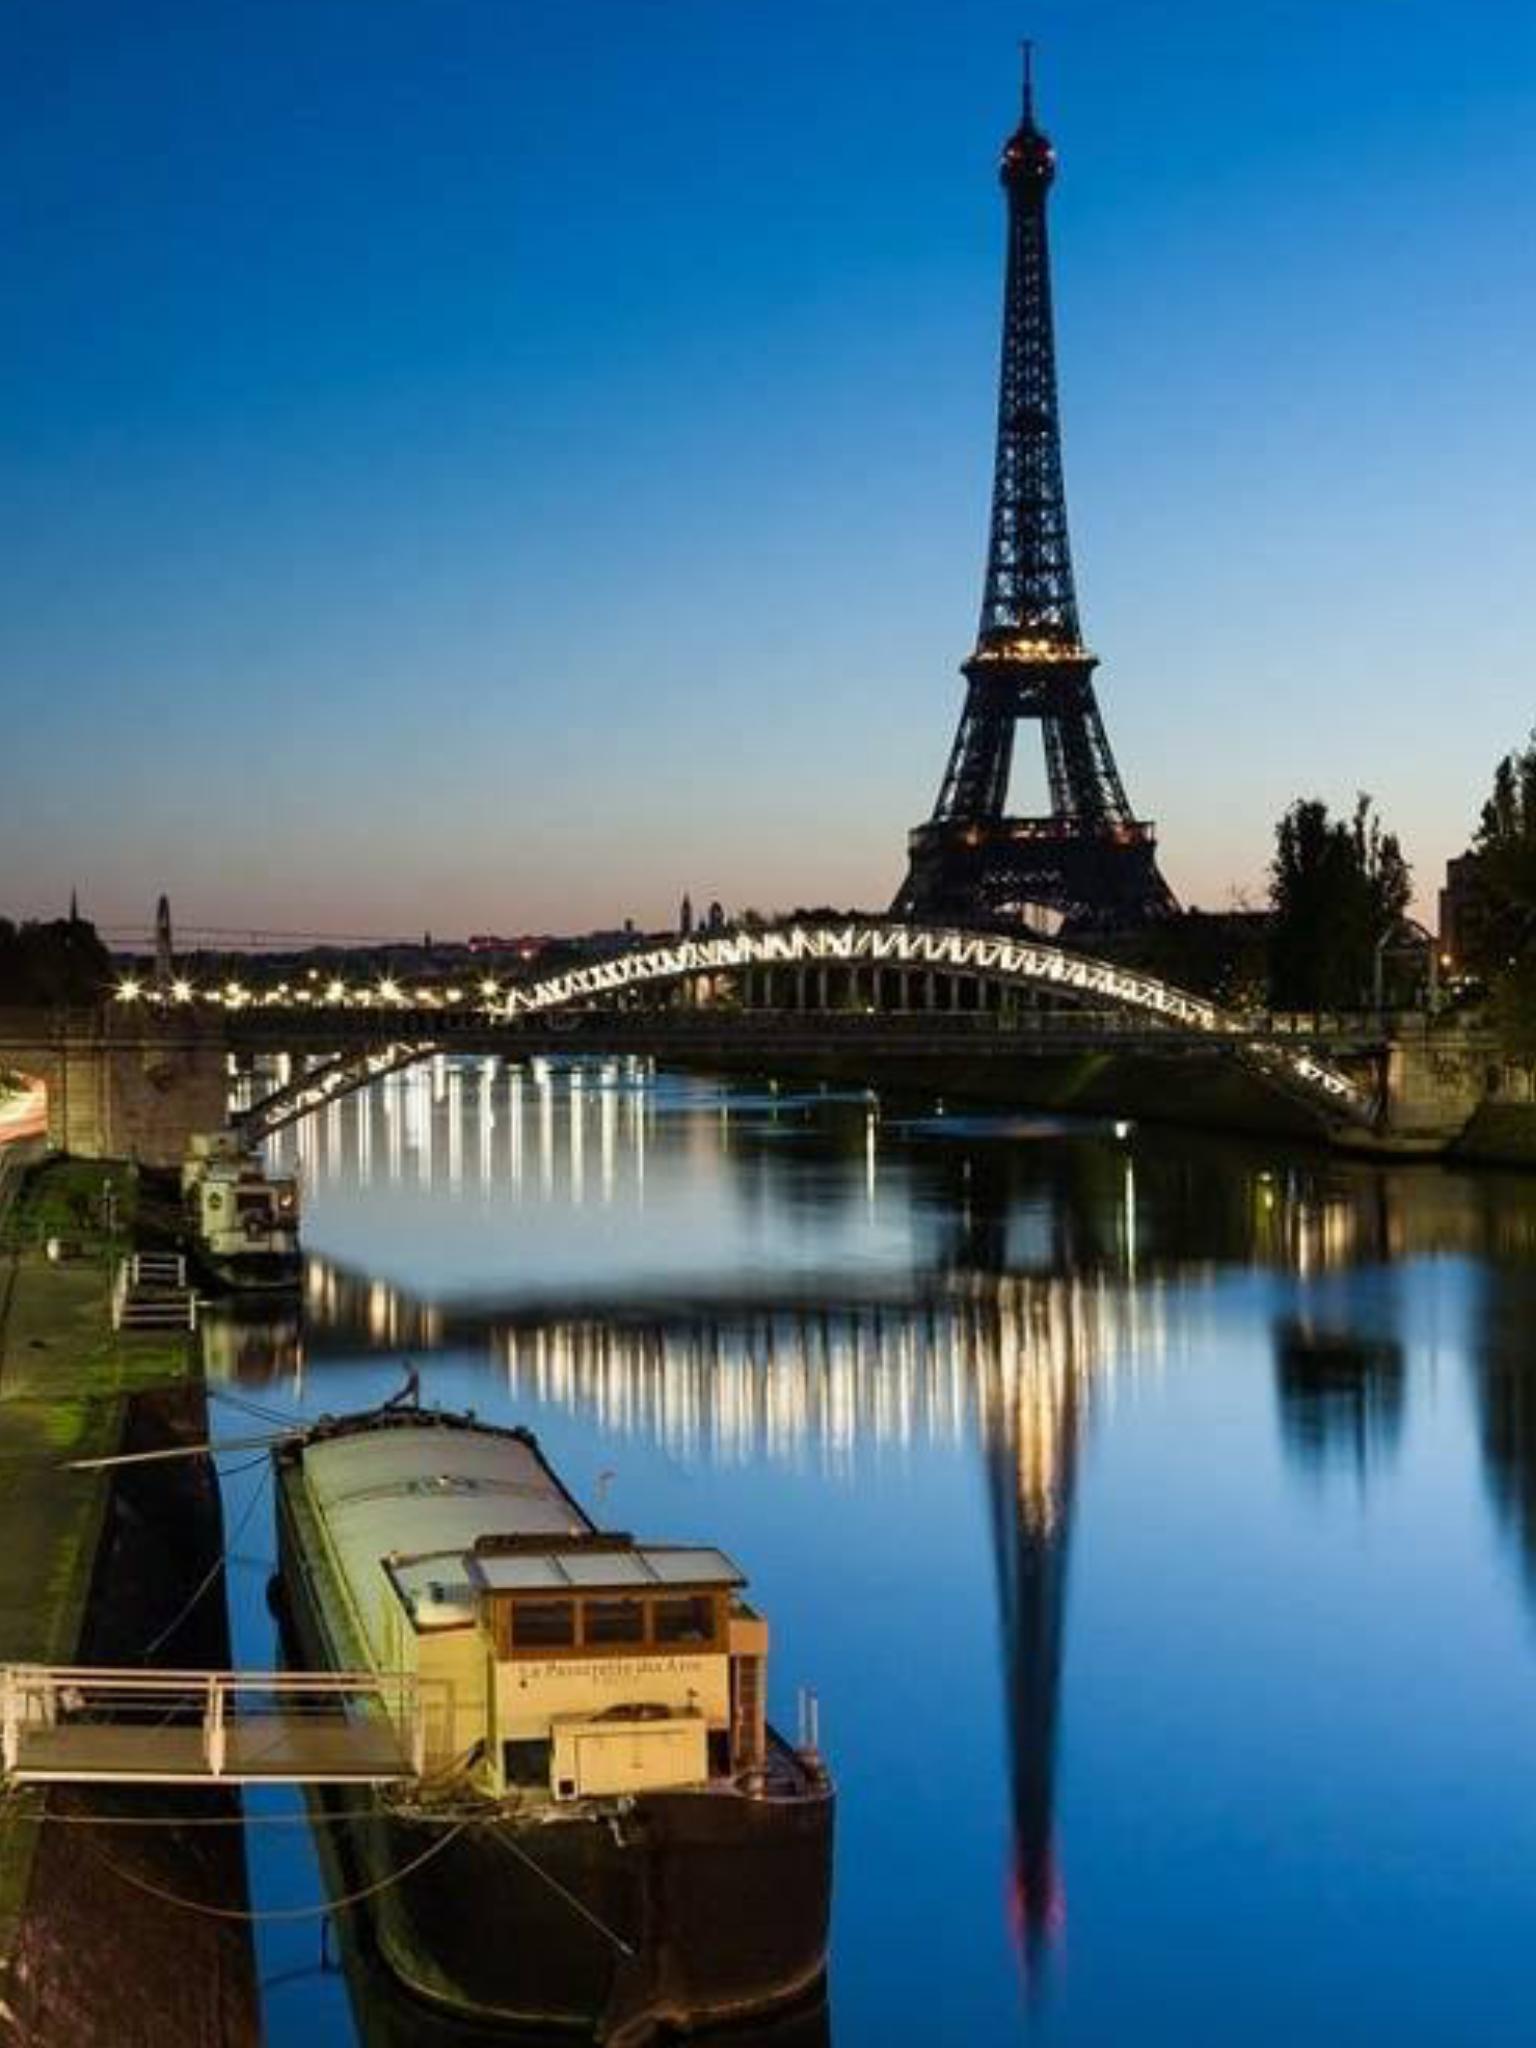 Eiffel on the Seine